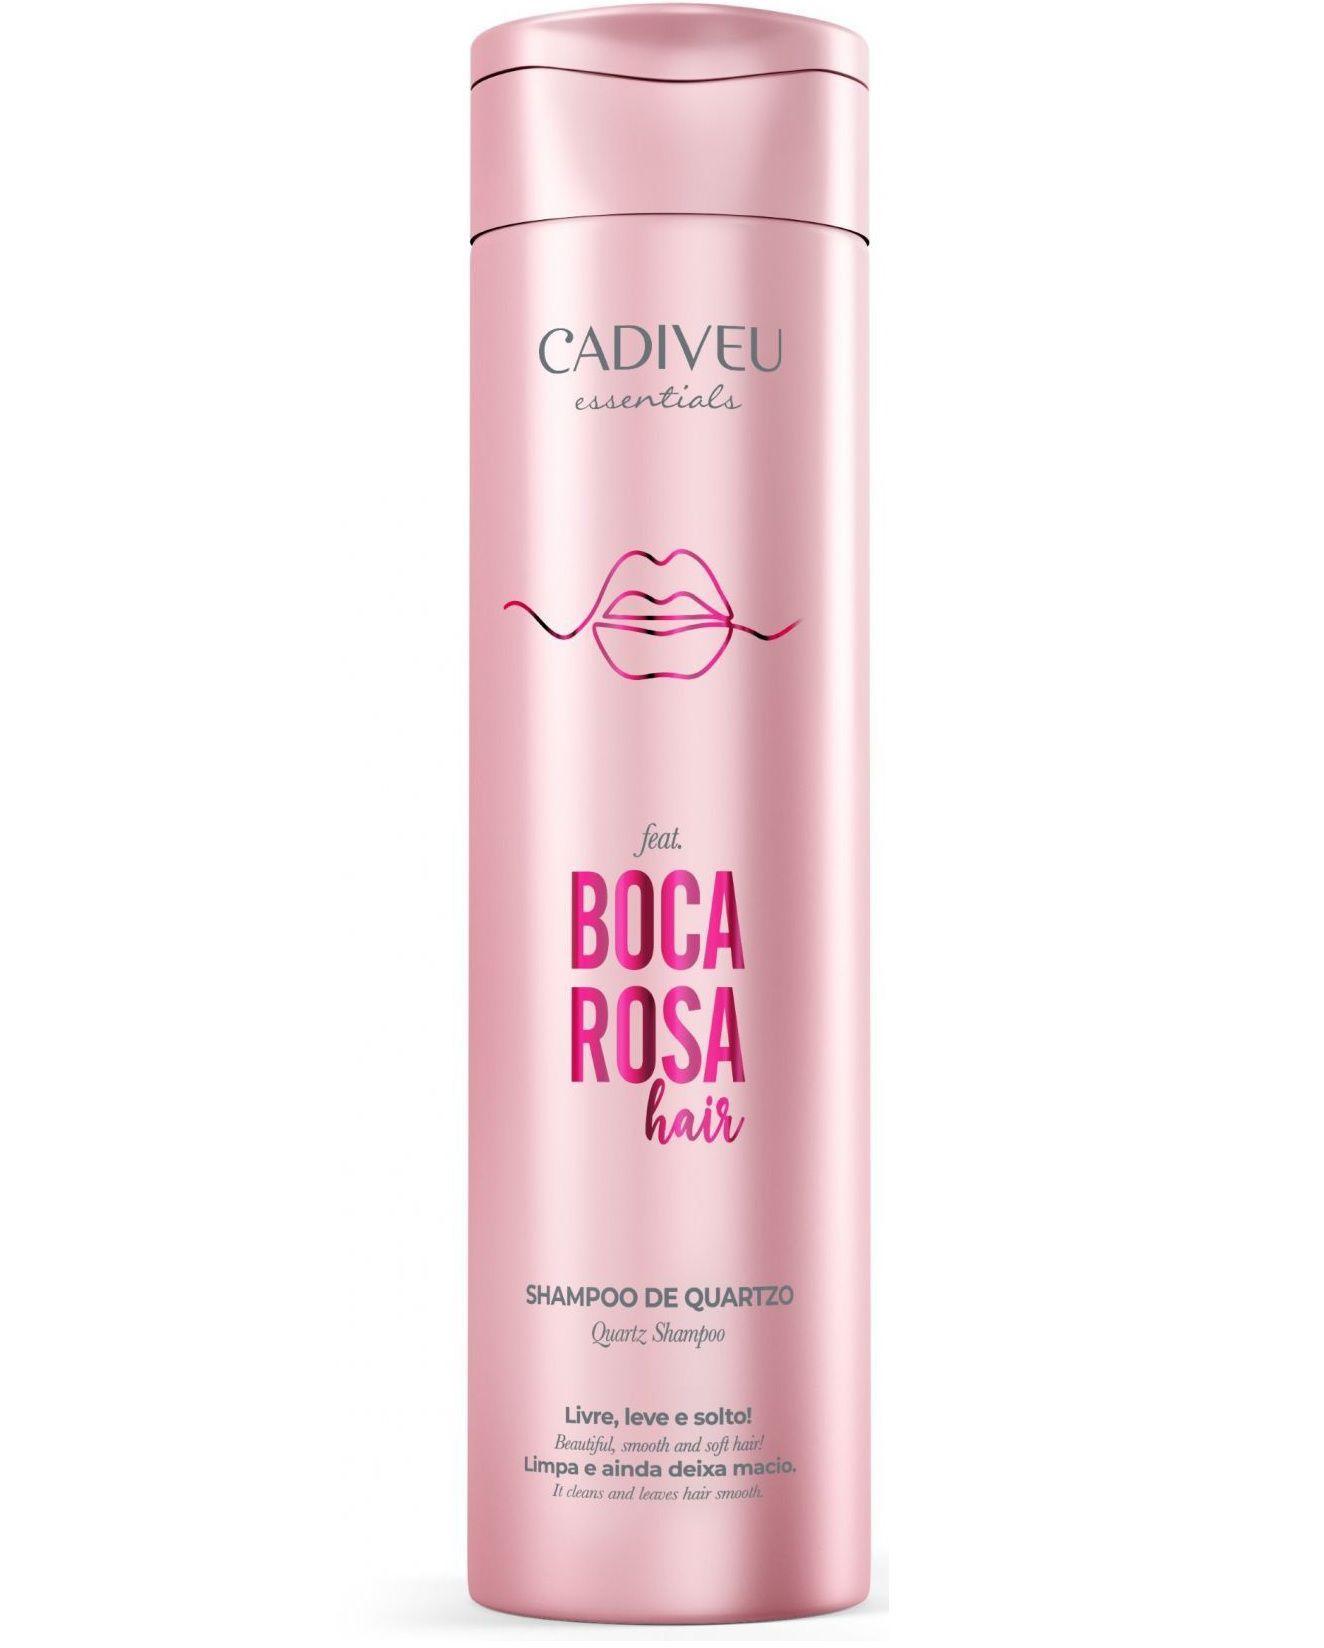 Shampoo Cadiveu Boca Rosa Quartzo 250ml